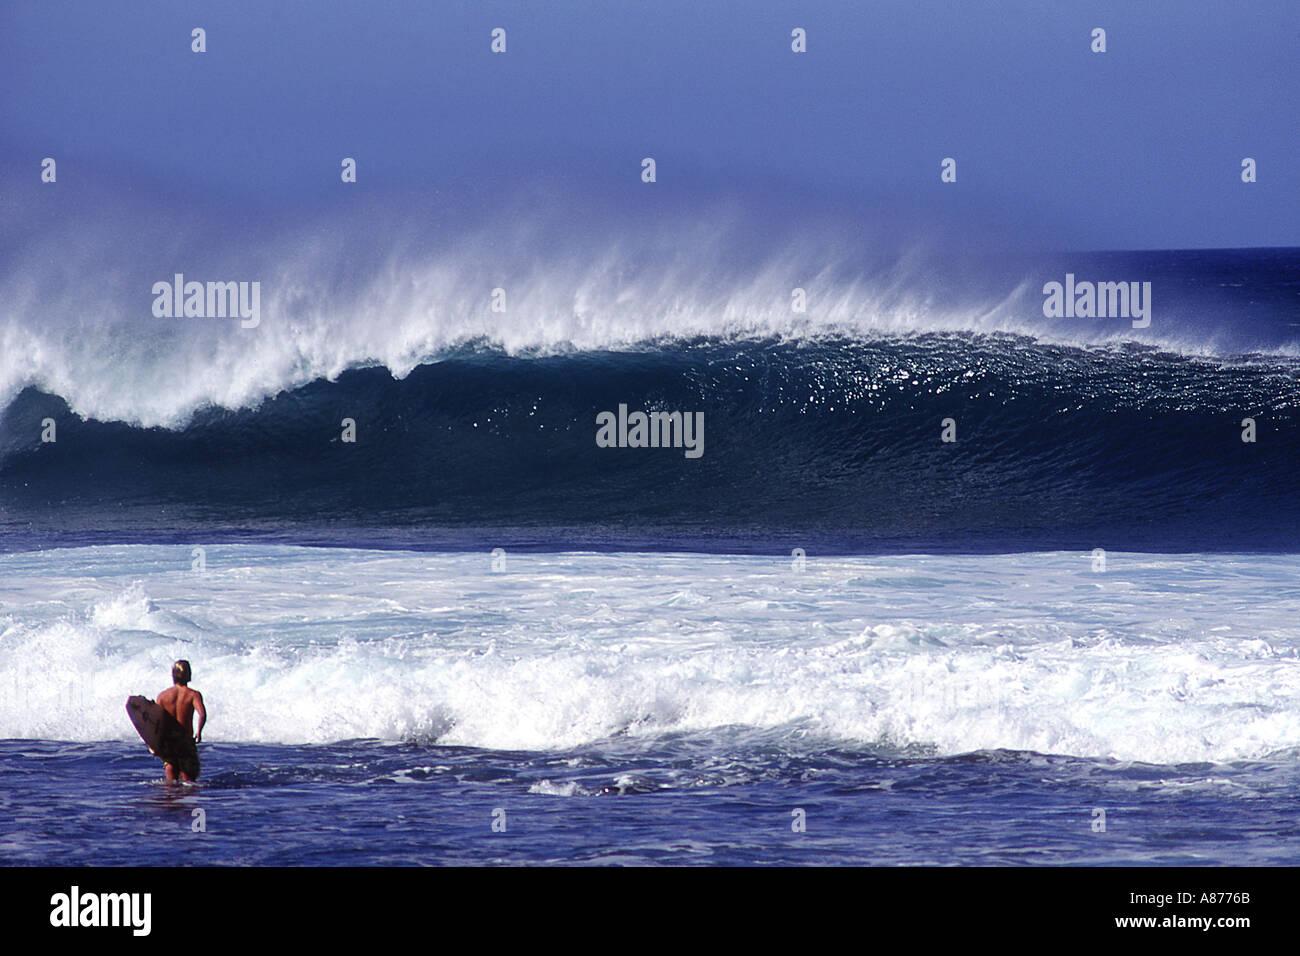 Eine tolle Welle stürzt wie ein Surfer hält eine Surf Board Spaziergänge in die glänzende blaue Wasser Stockfoto